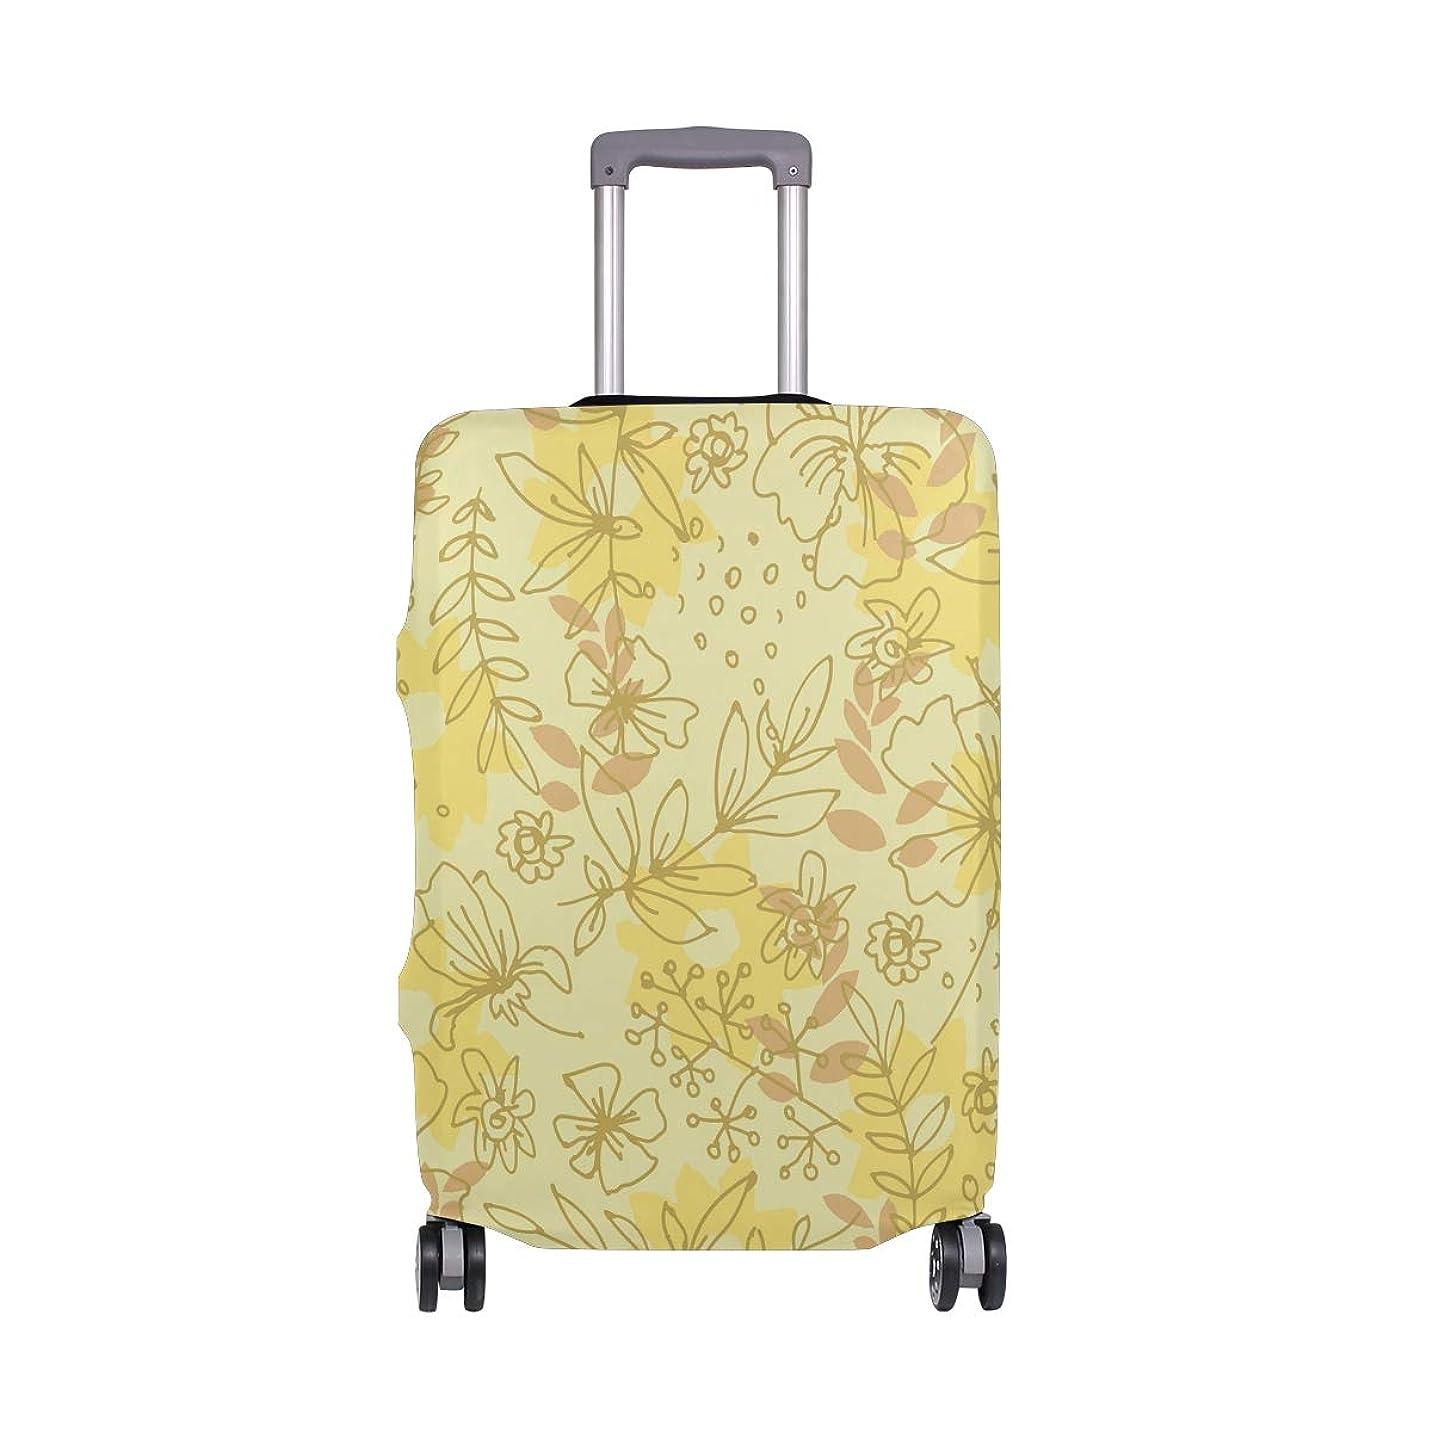 攻撃的受益者乏しいスーツケースカバー 荷物カバー 黄色 花柄 伸縮素材 ラゲッジカバー 防塵 擦り傷防止 トラベルアクセサリ 旅行